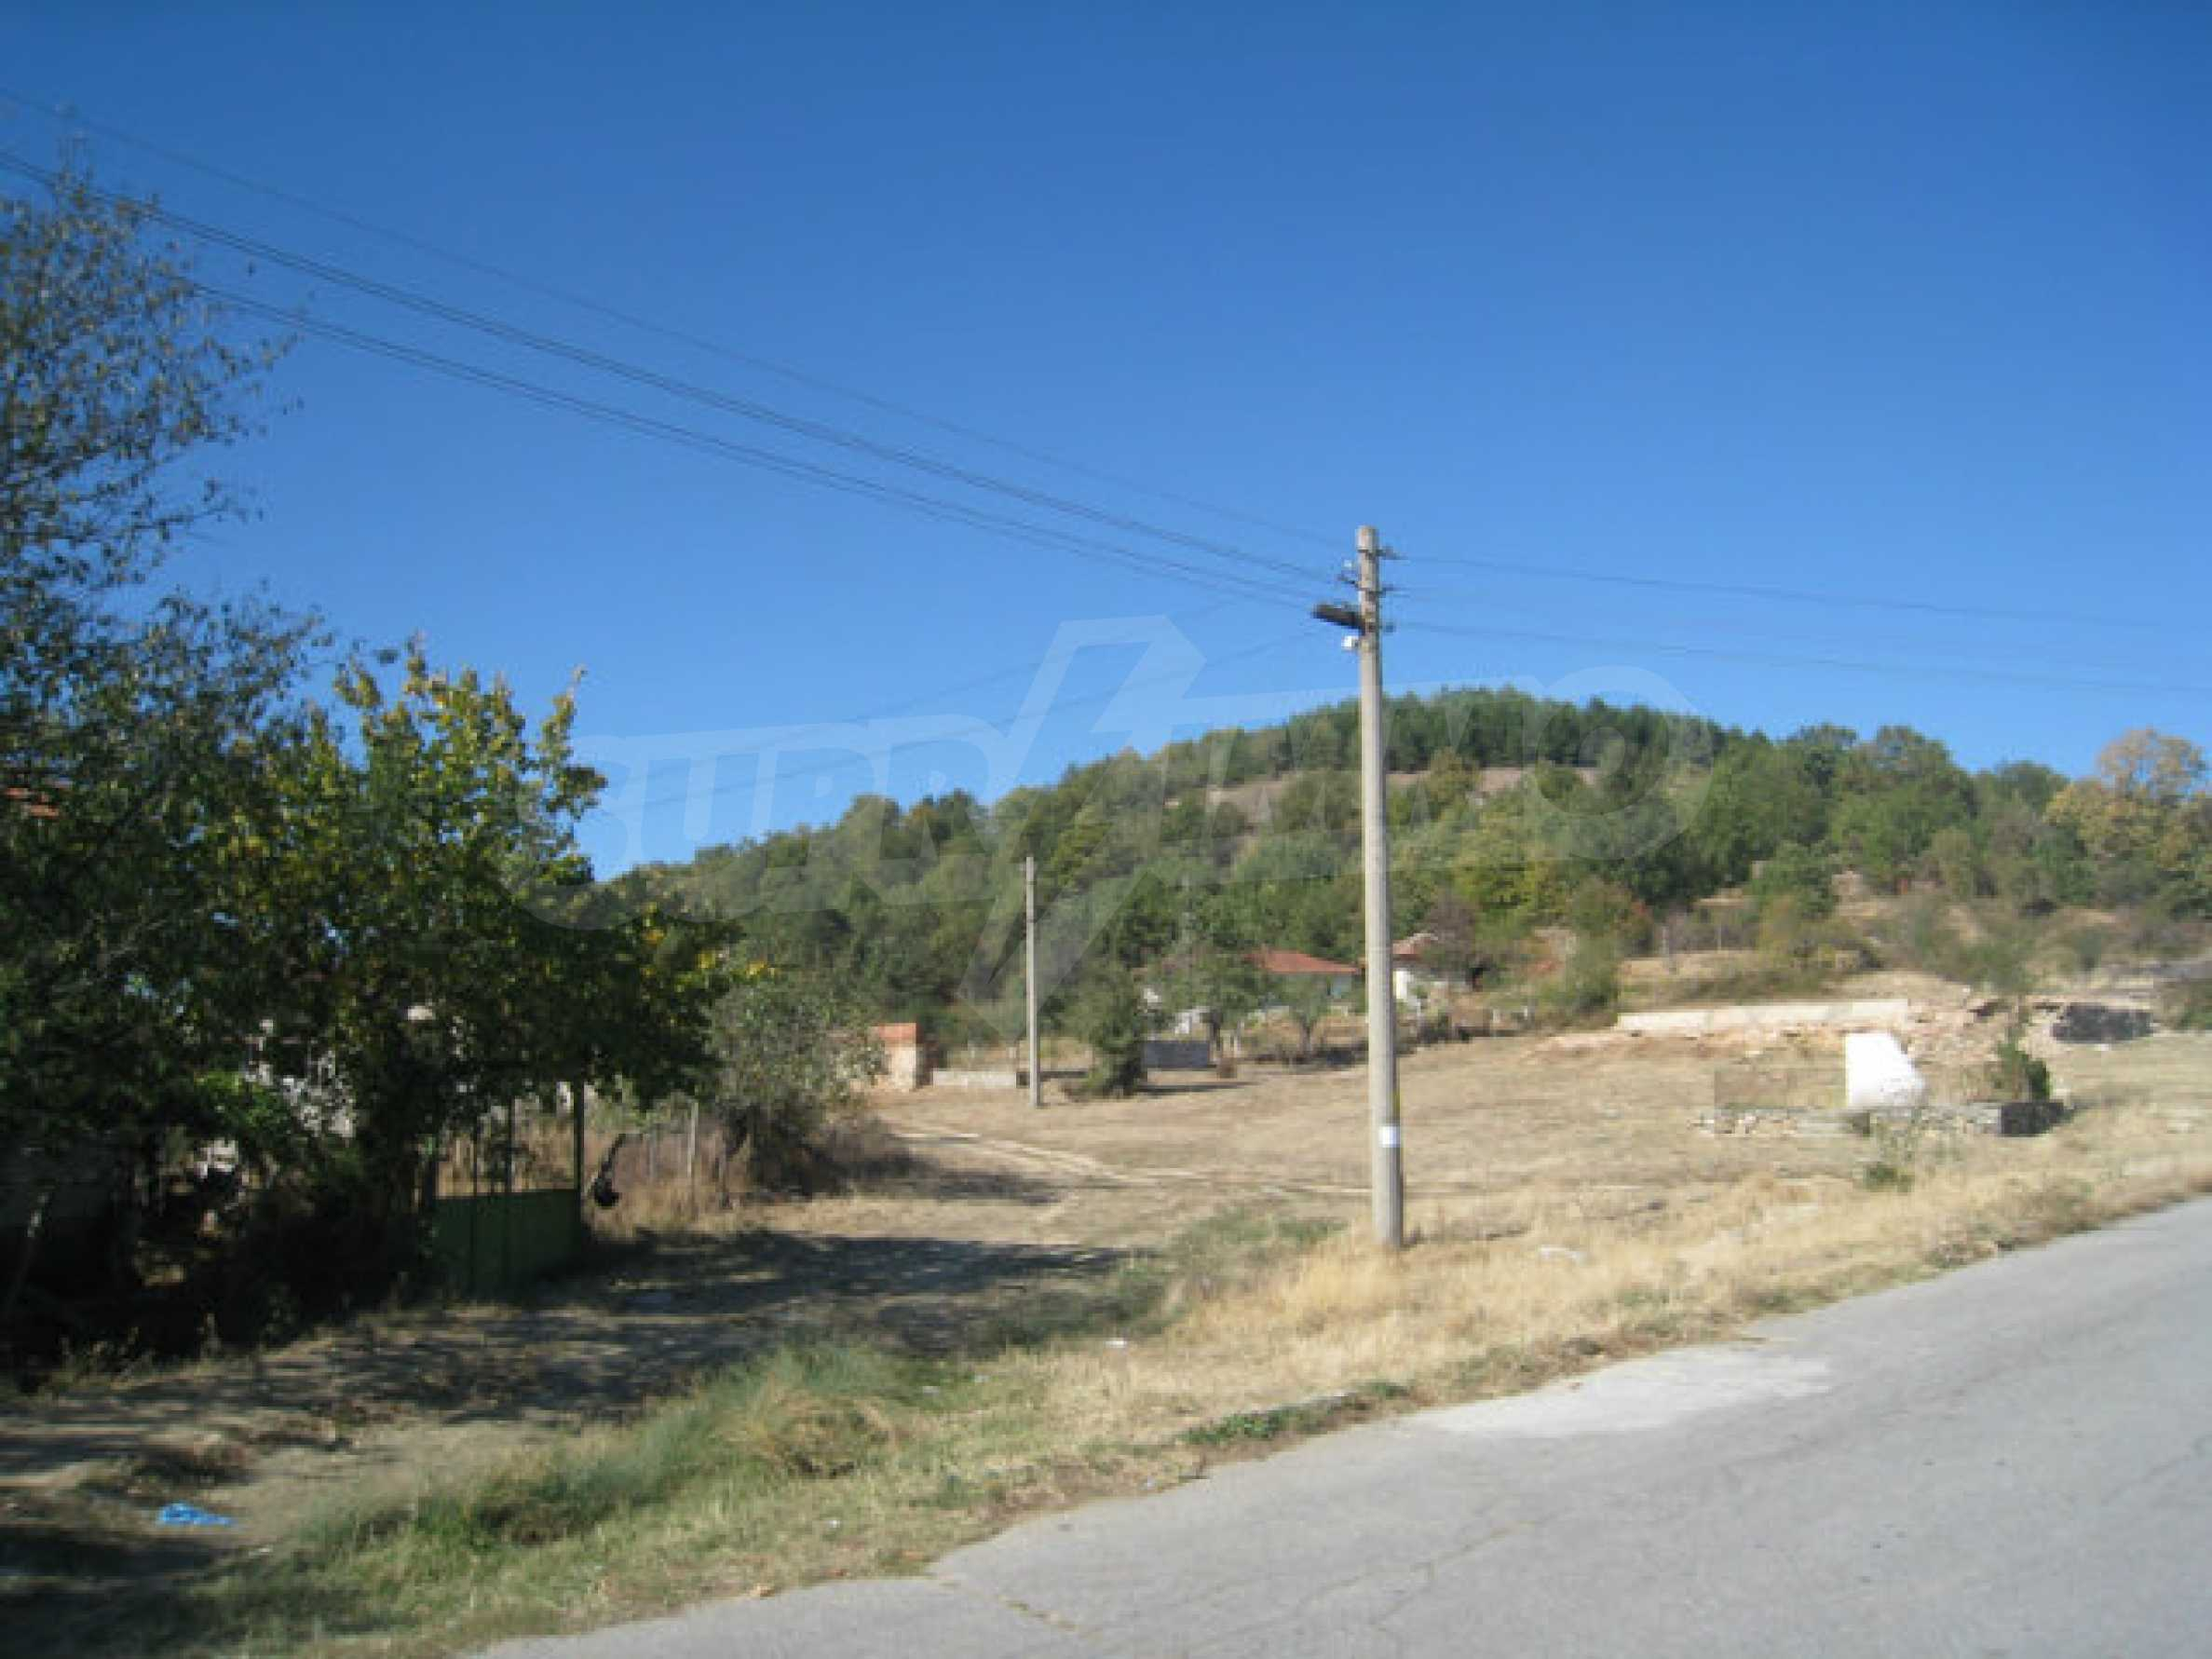 23 regulierte Nachbargrundstücke auf einer Asphaltstraße in der Gemeinde Ihtiman 50